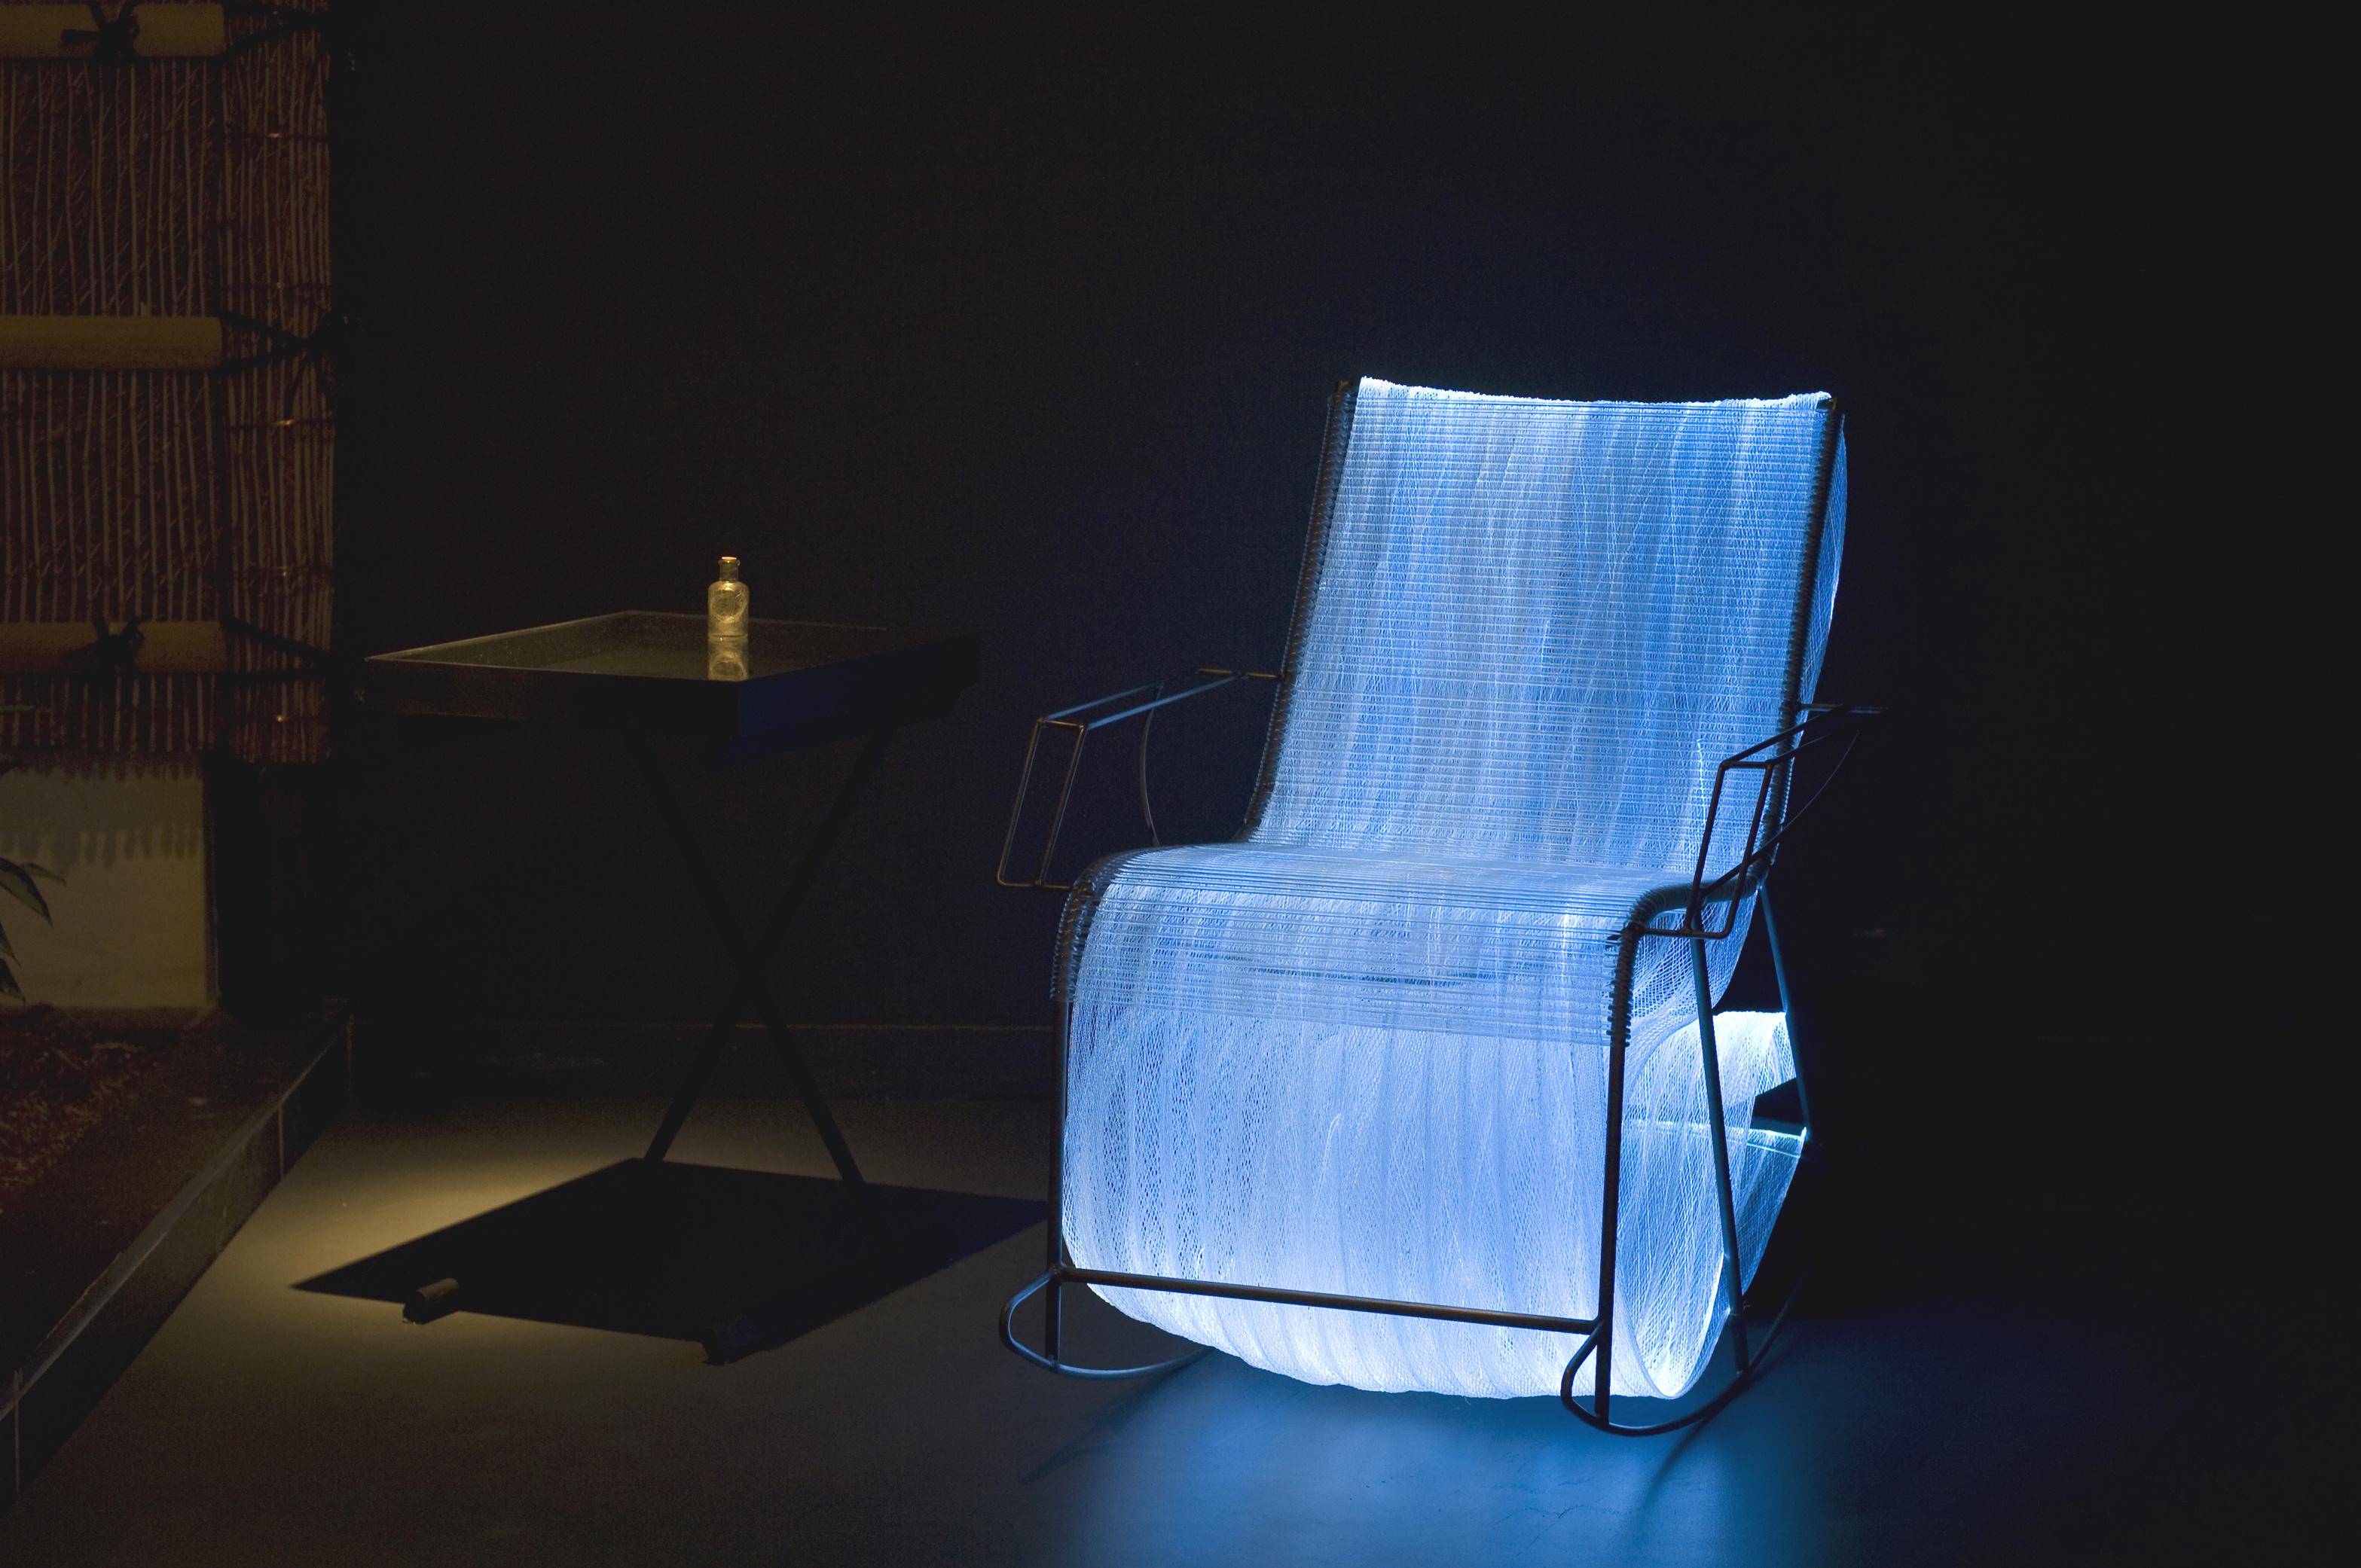 Nobuho Nagasawa, Bodywaves, The Japan Society, 2007 Photo Credit: T. Miyamoto